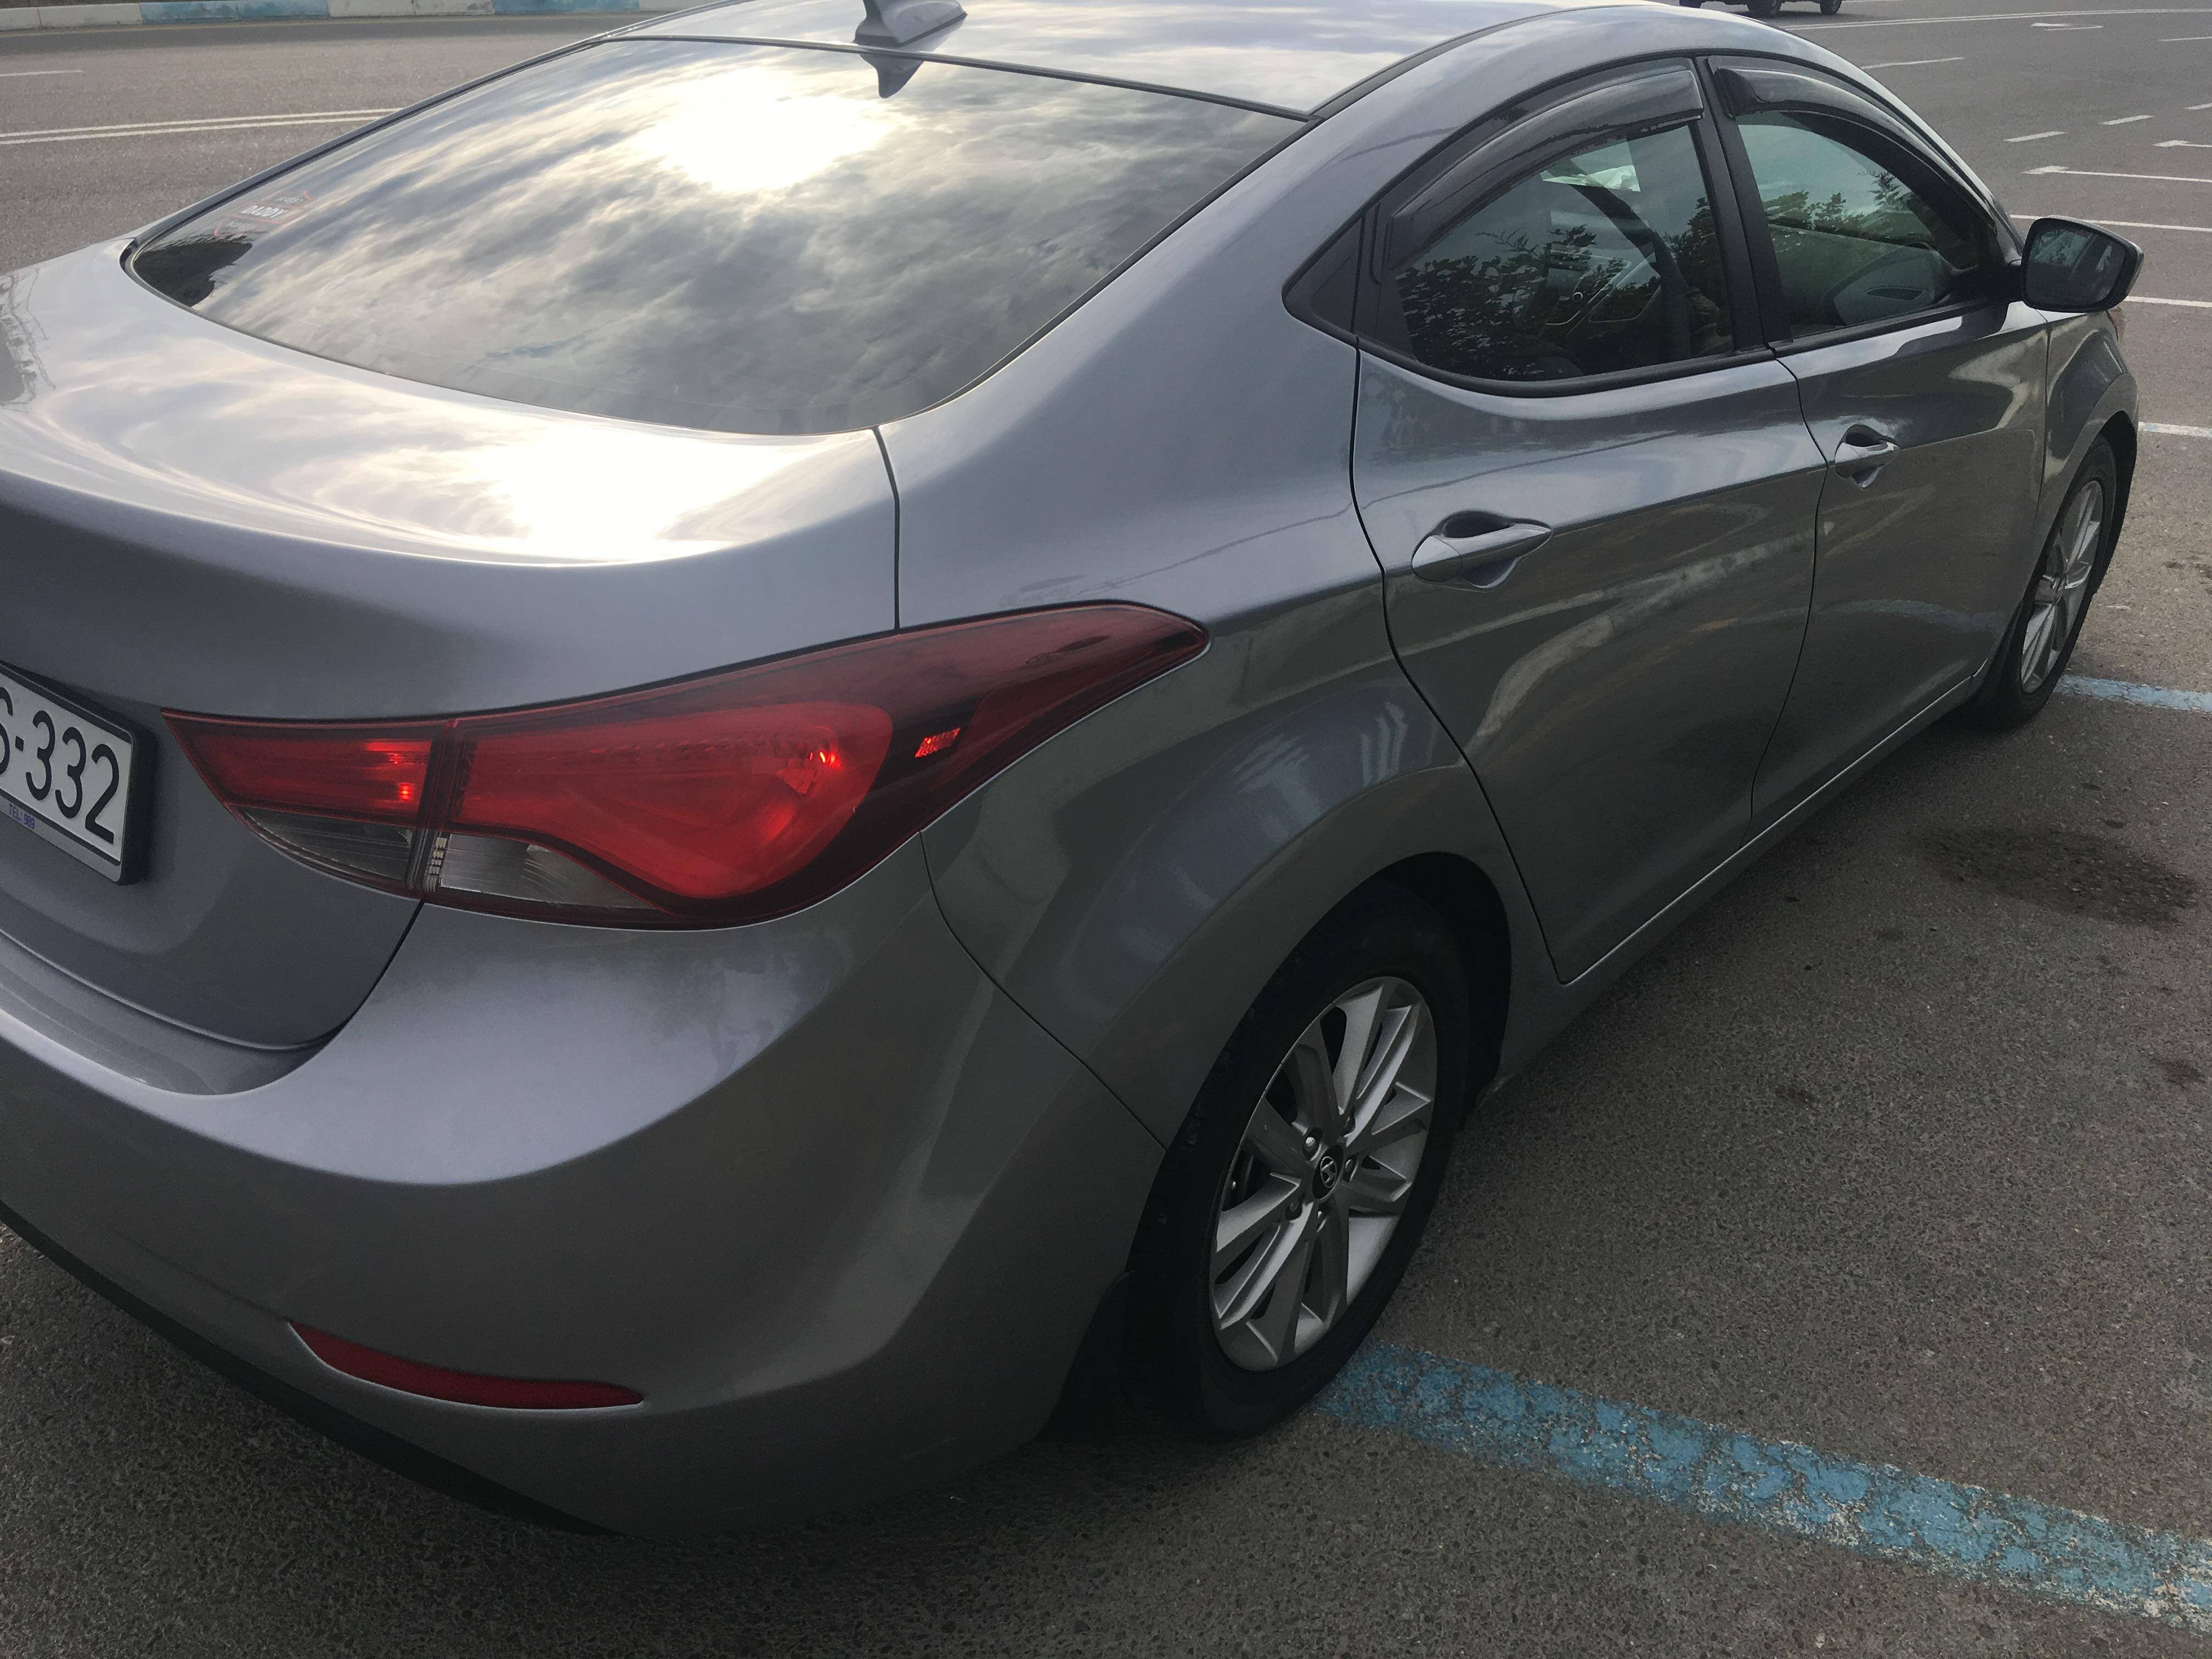 Hyundai Elantra 1.8(lt) 2015 Yeni avtomobil  $11000